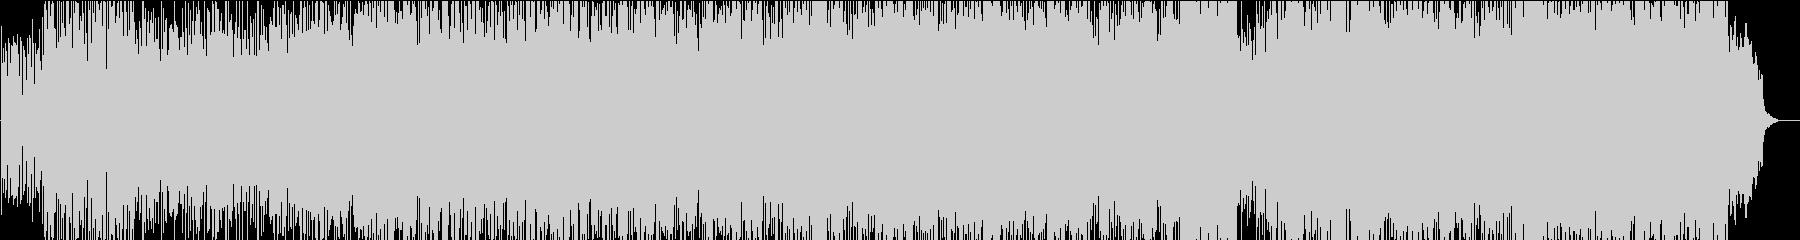 このRemixのために、Nifna...の未再生の波形